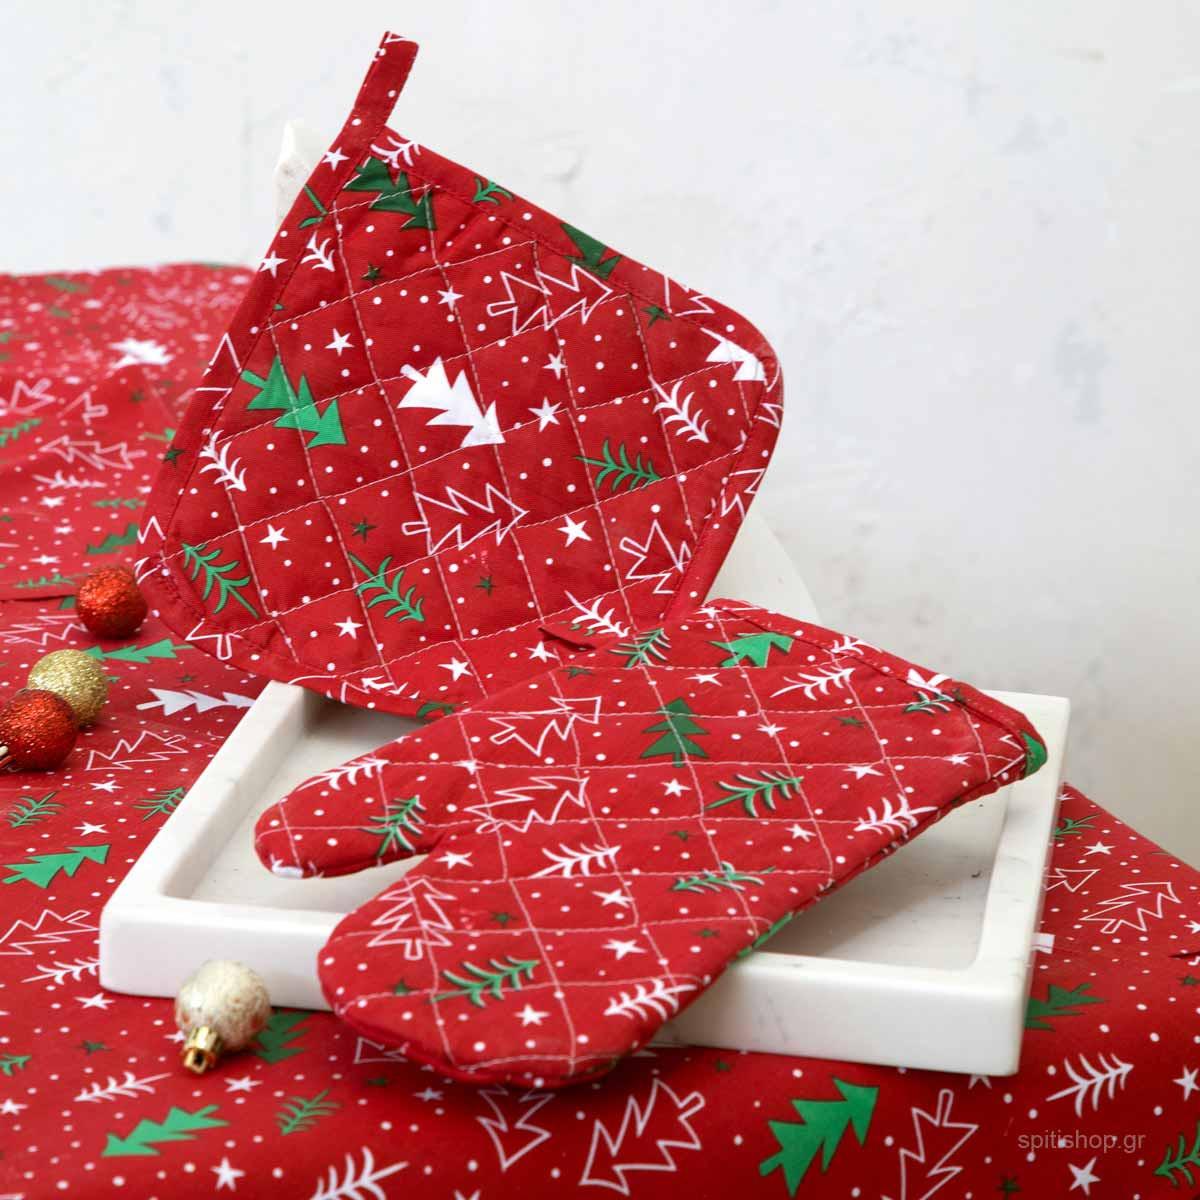 Χριστουγεννιάτικο Γάντι Κουζίνας Nima Be Merry